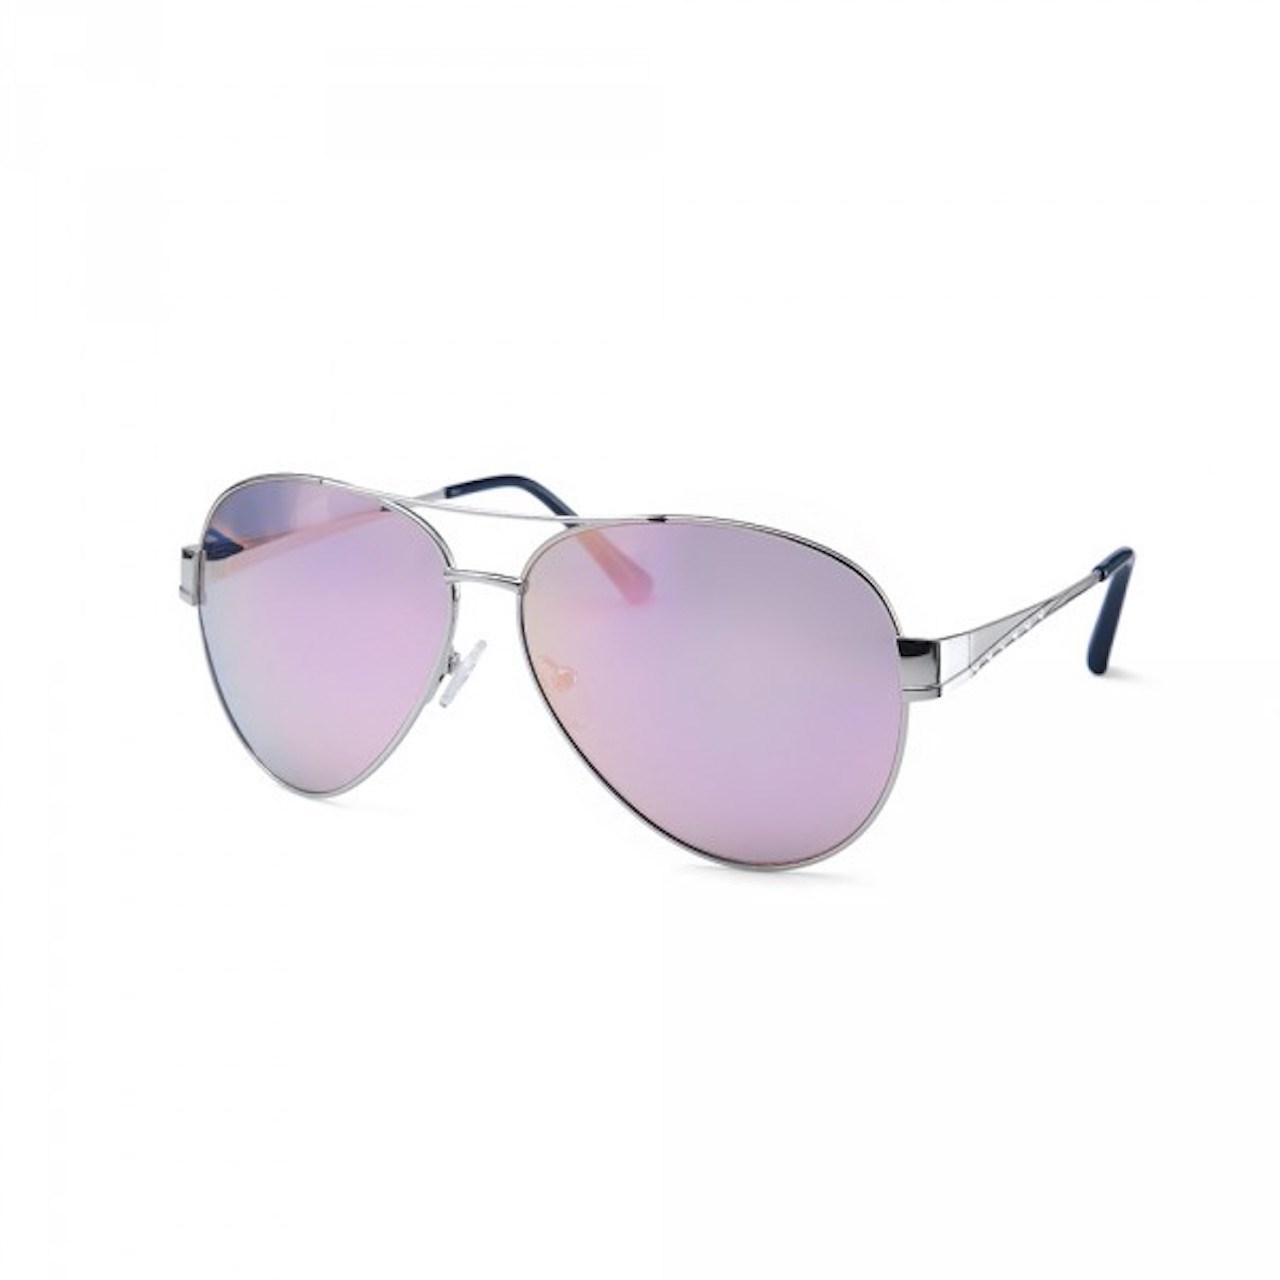 عینک آفتابی الیور وبر مدل پایلوت پلارایزد کد 75039 SIL